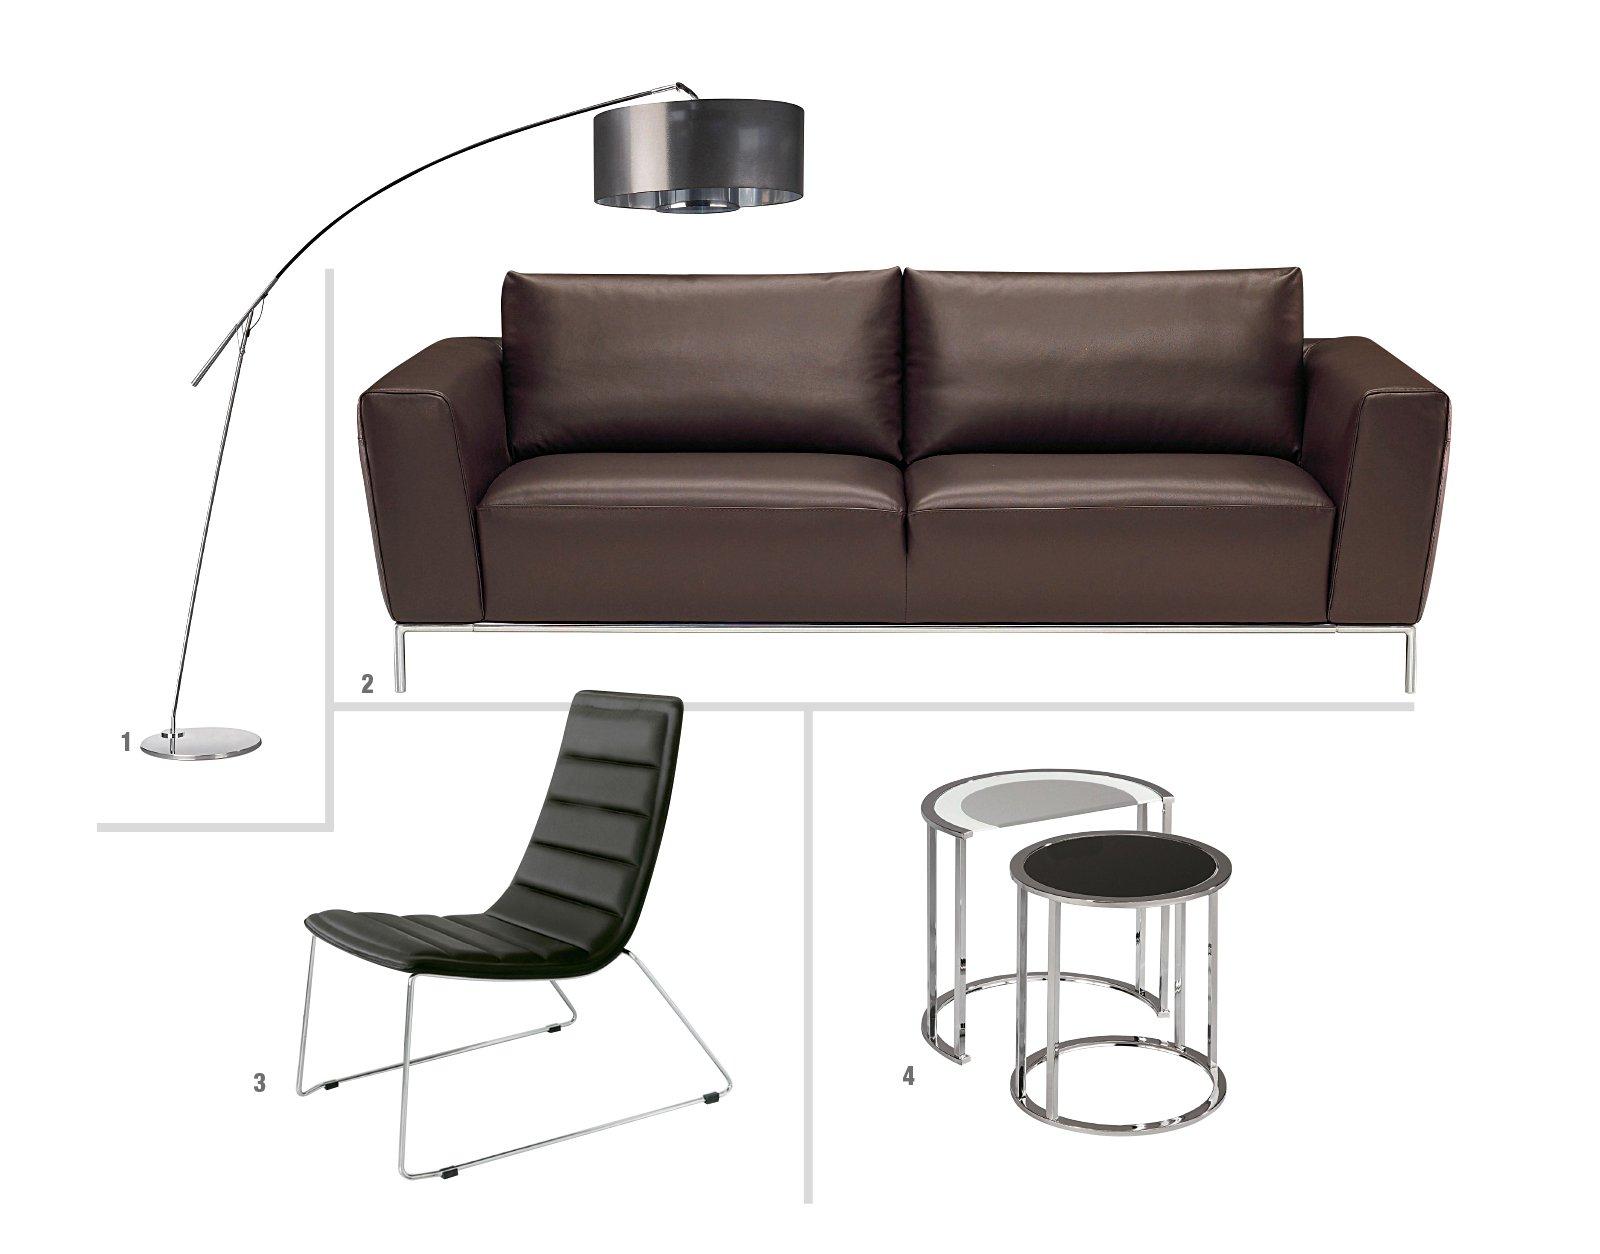 Zona conversazione tutto chiaro o tutto scuro cose di casa for Mercatone uno divani letto 129 euro